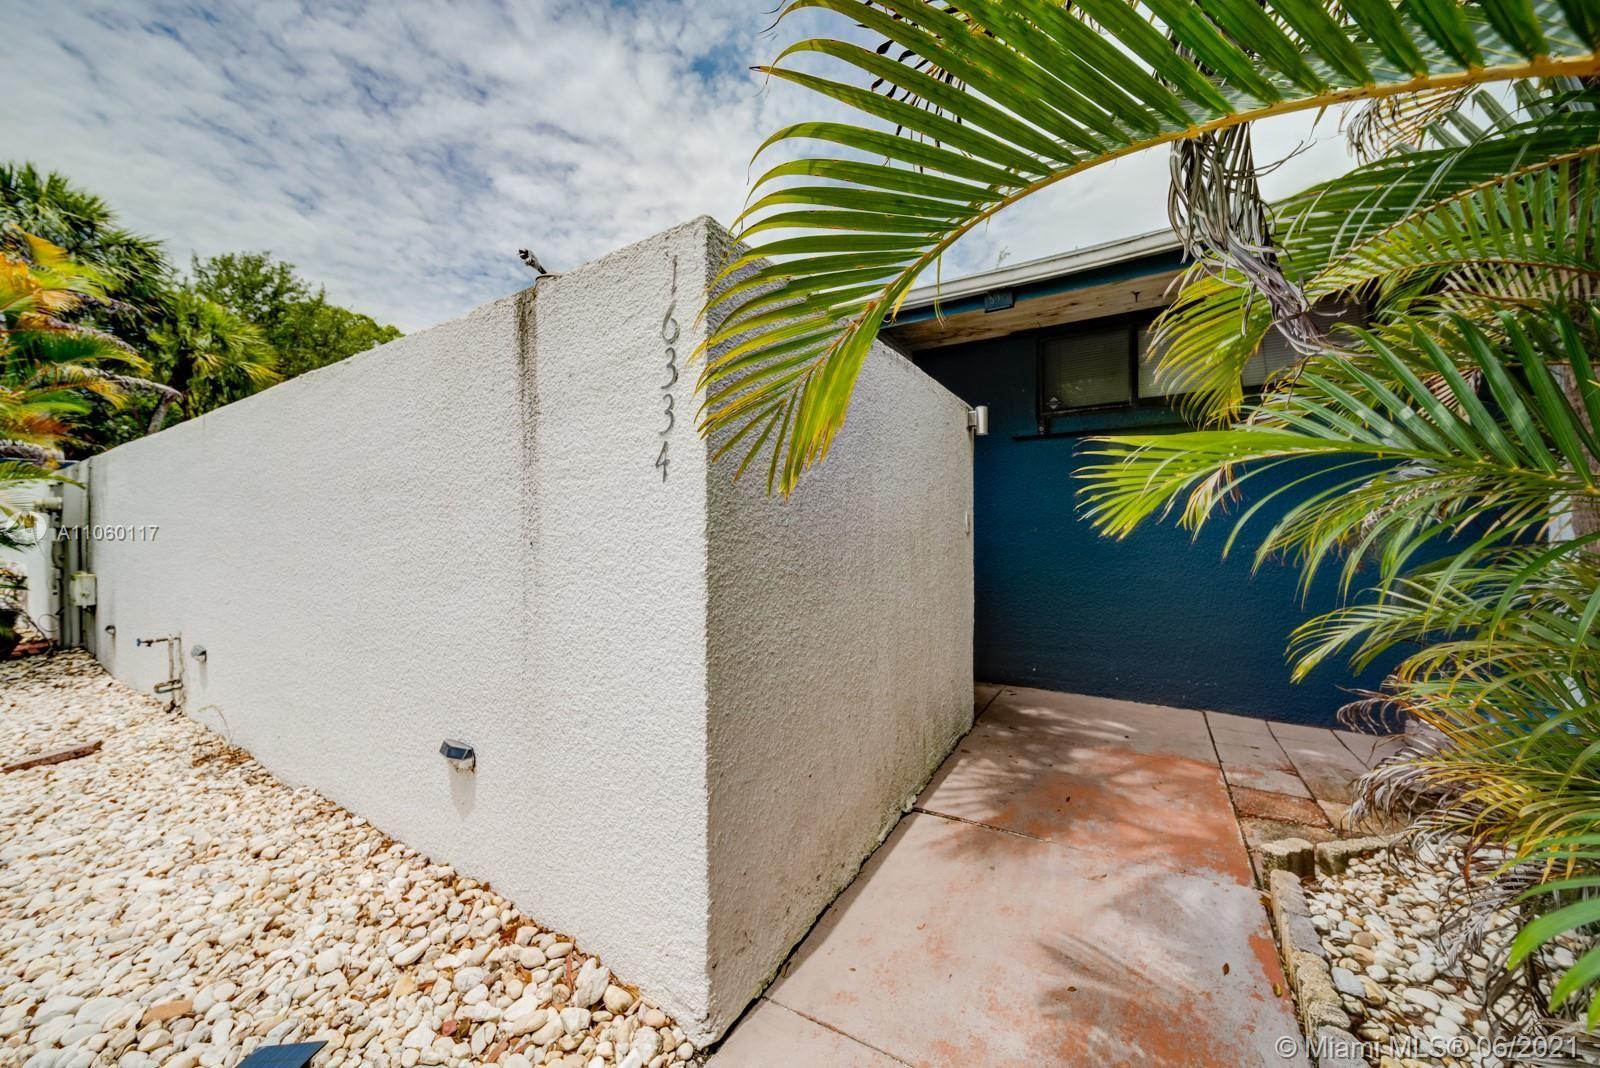 16334 Shadow Ct #16334, Miami Lakes, FL 33014 - #: A11060117